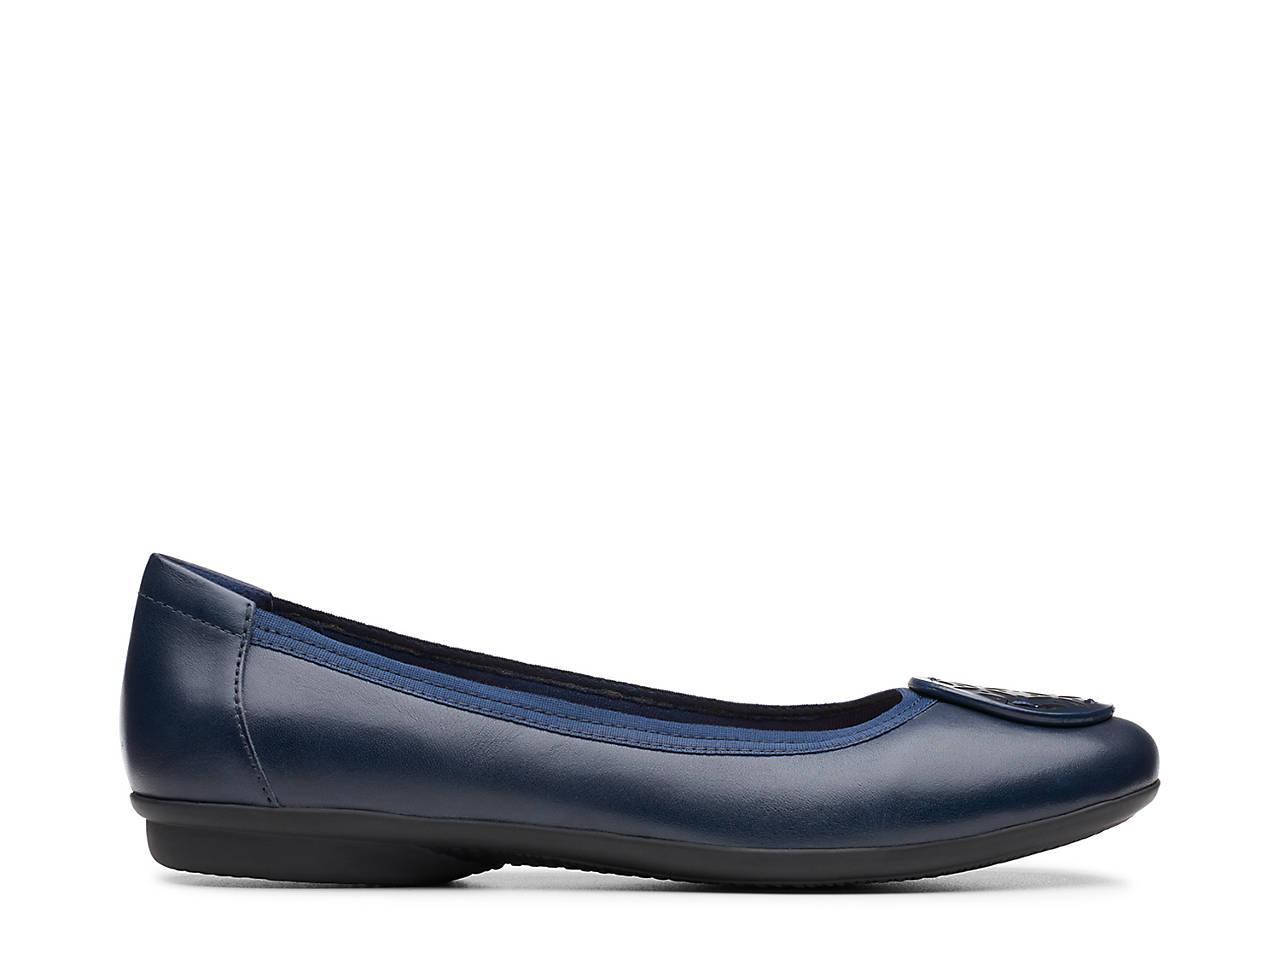 ea7be265602 Clarks Gracelin Lola Ballet Flat Women s Shoes